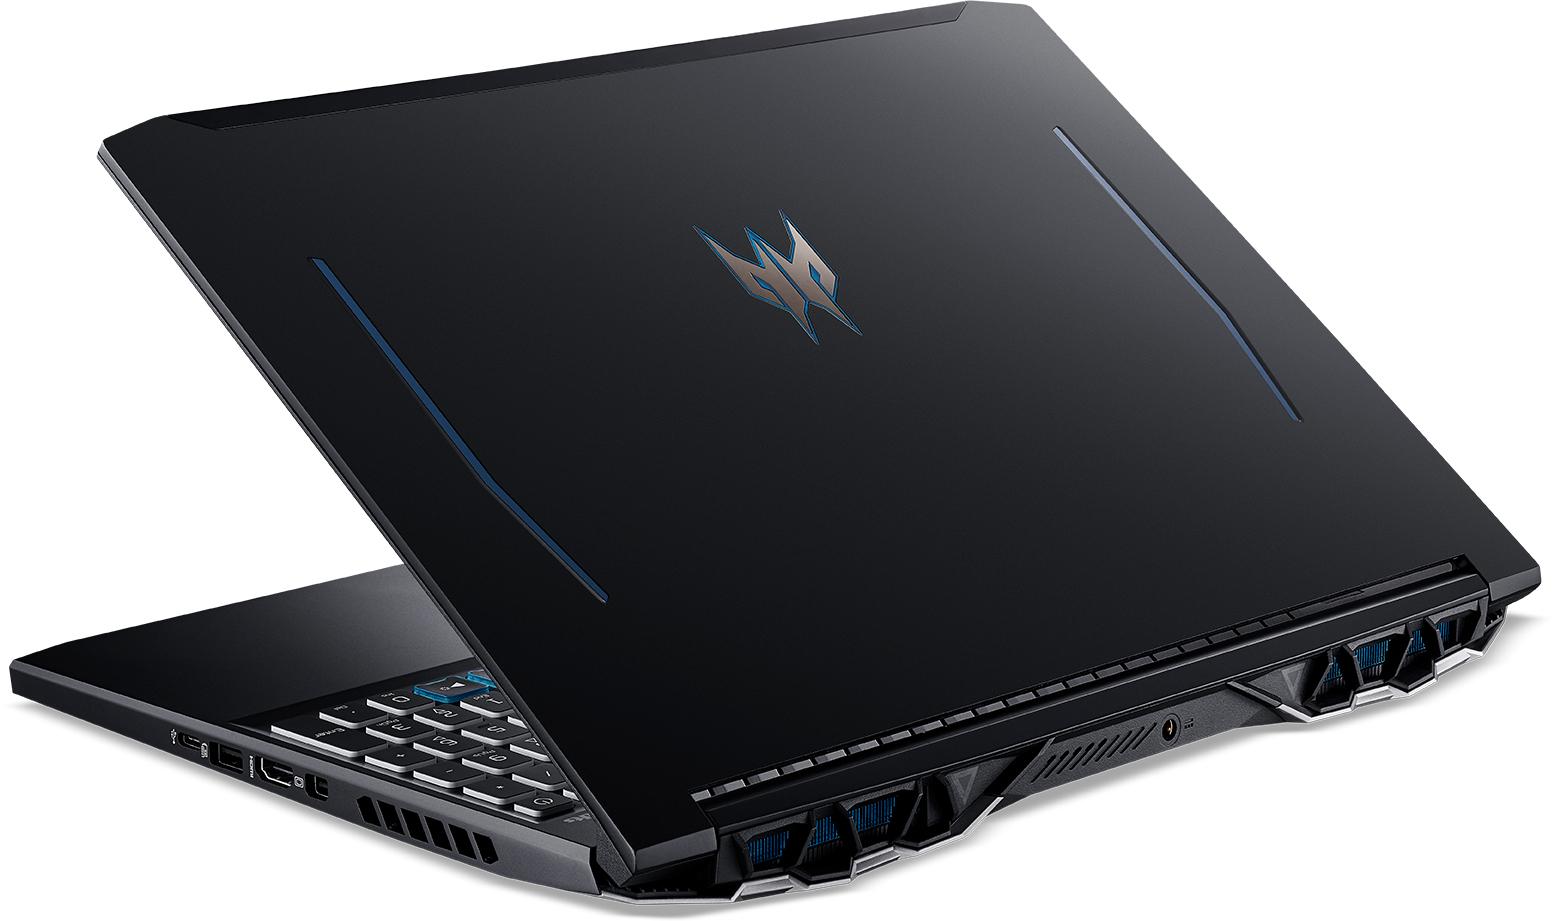 Так выглядит ноутбук Acer Predator Helios 300